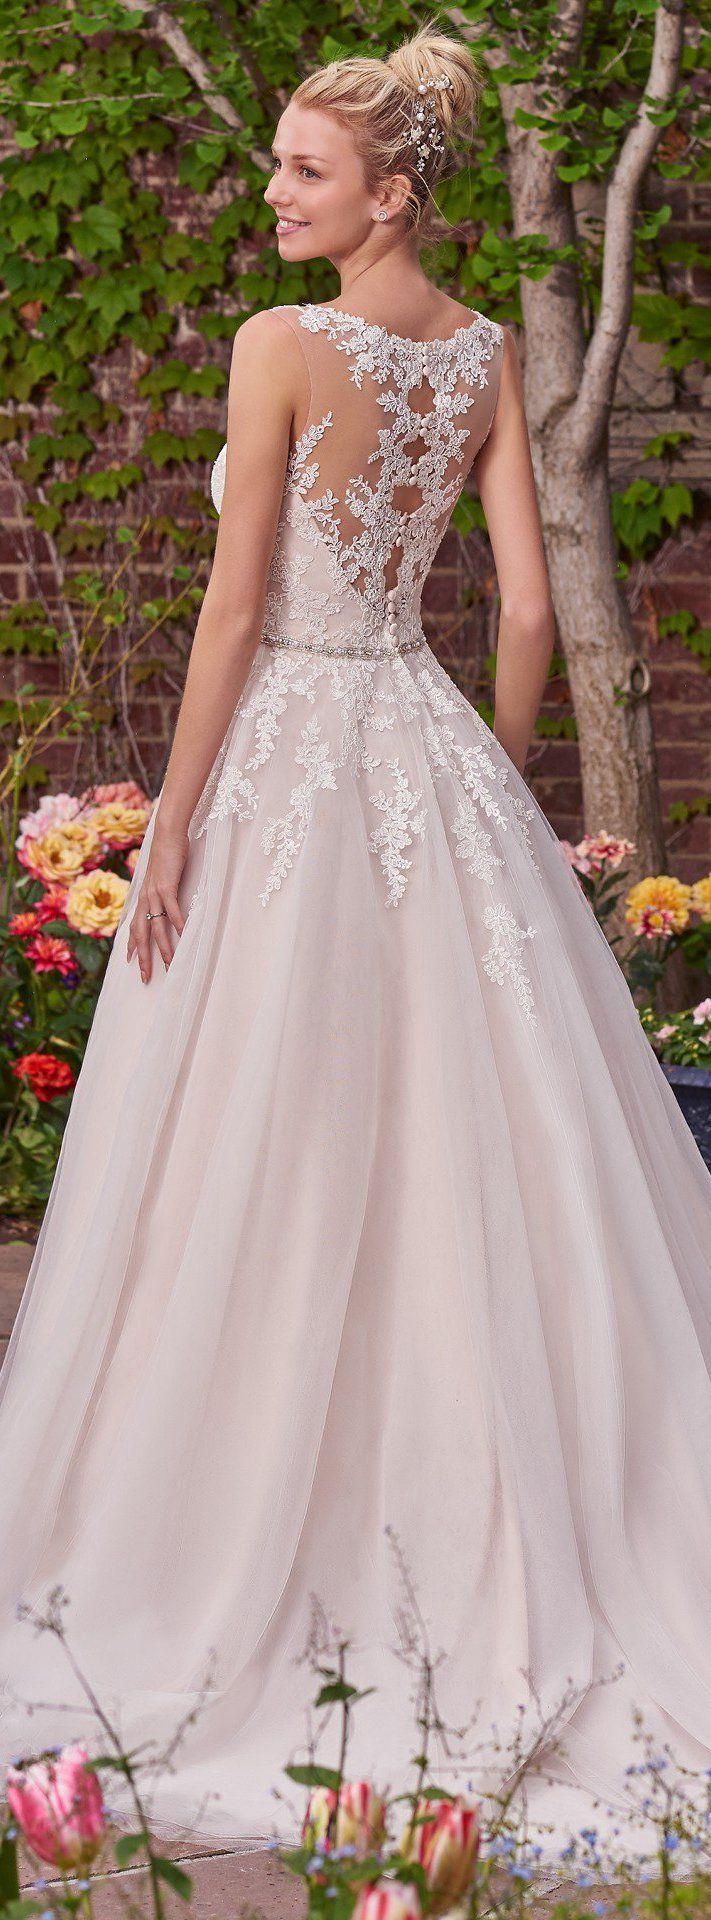 44 best Affordable Wedding Dresses images on Pinterest Affordable